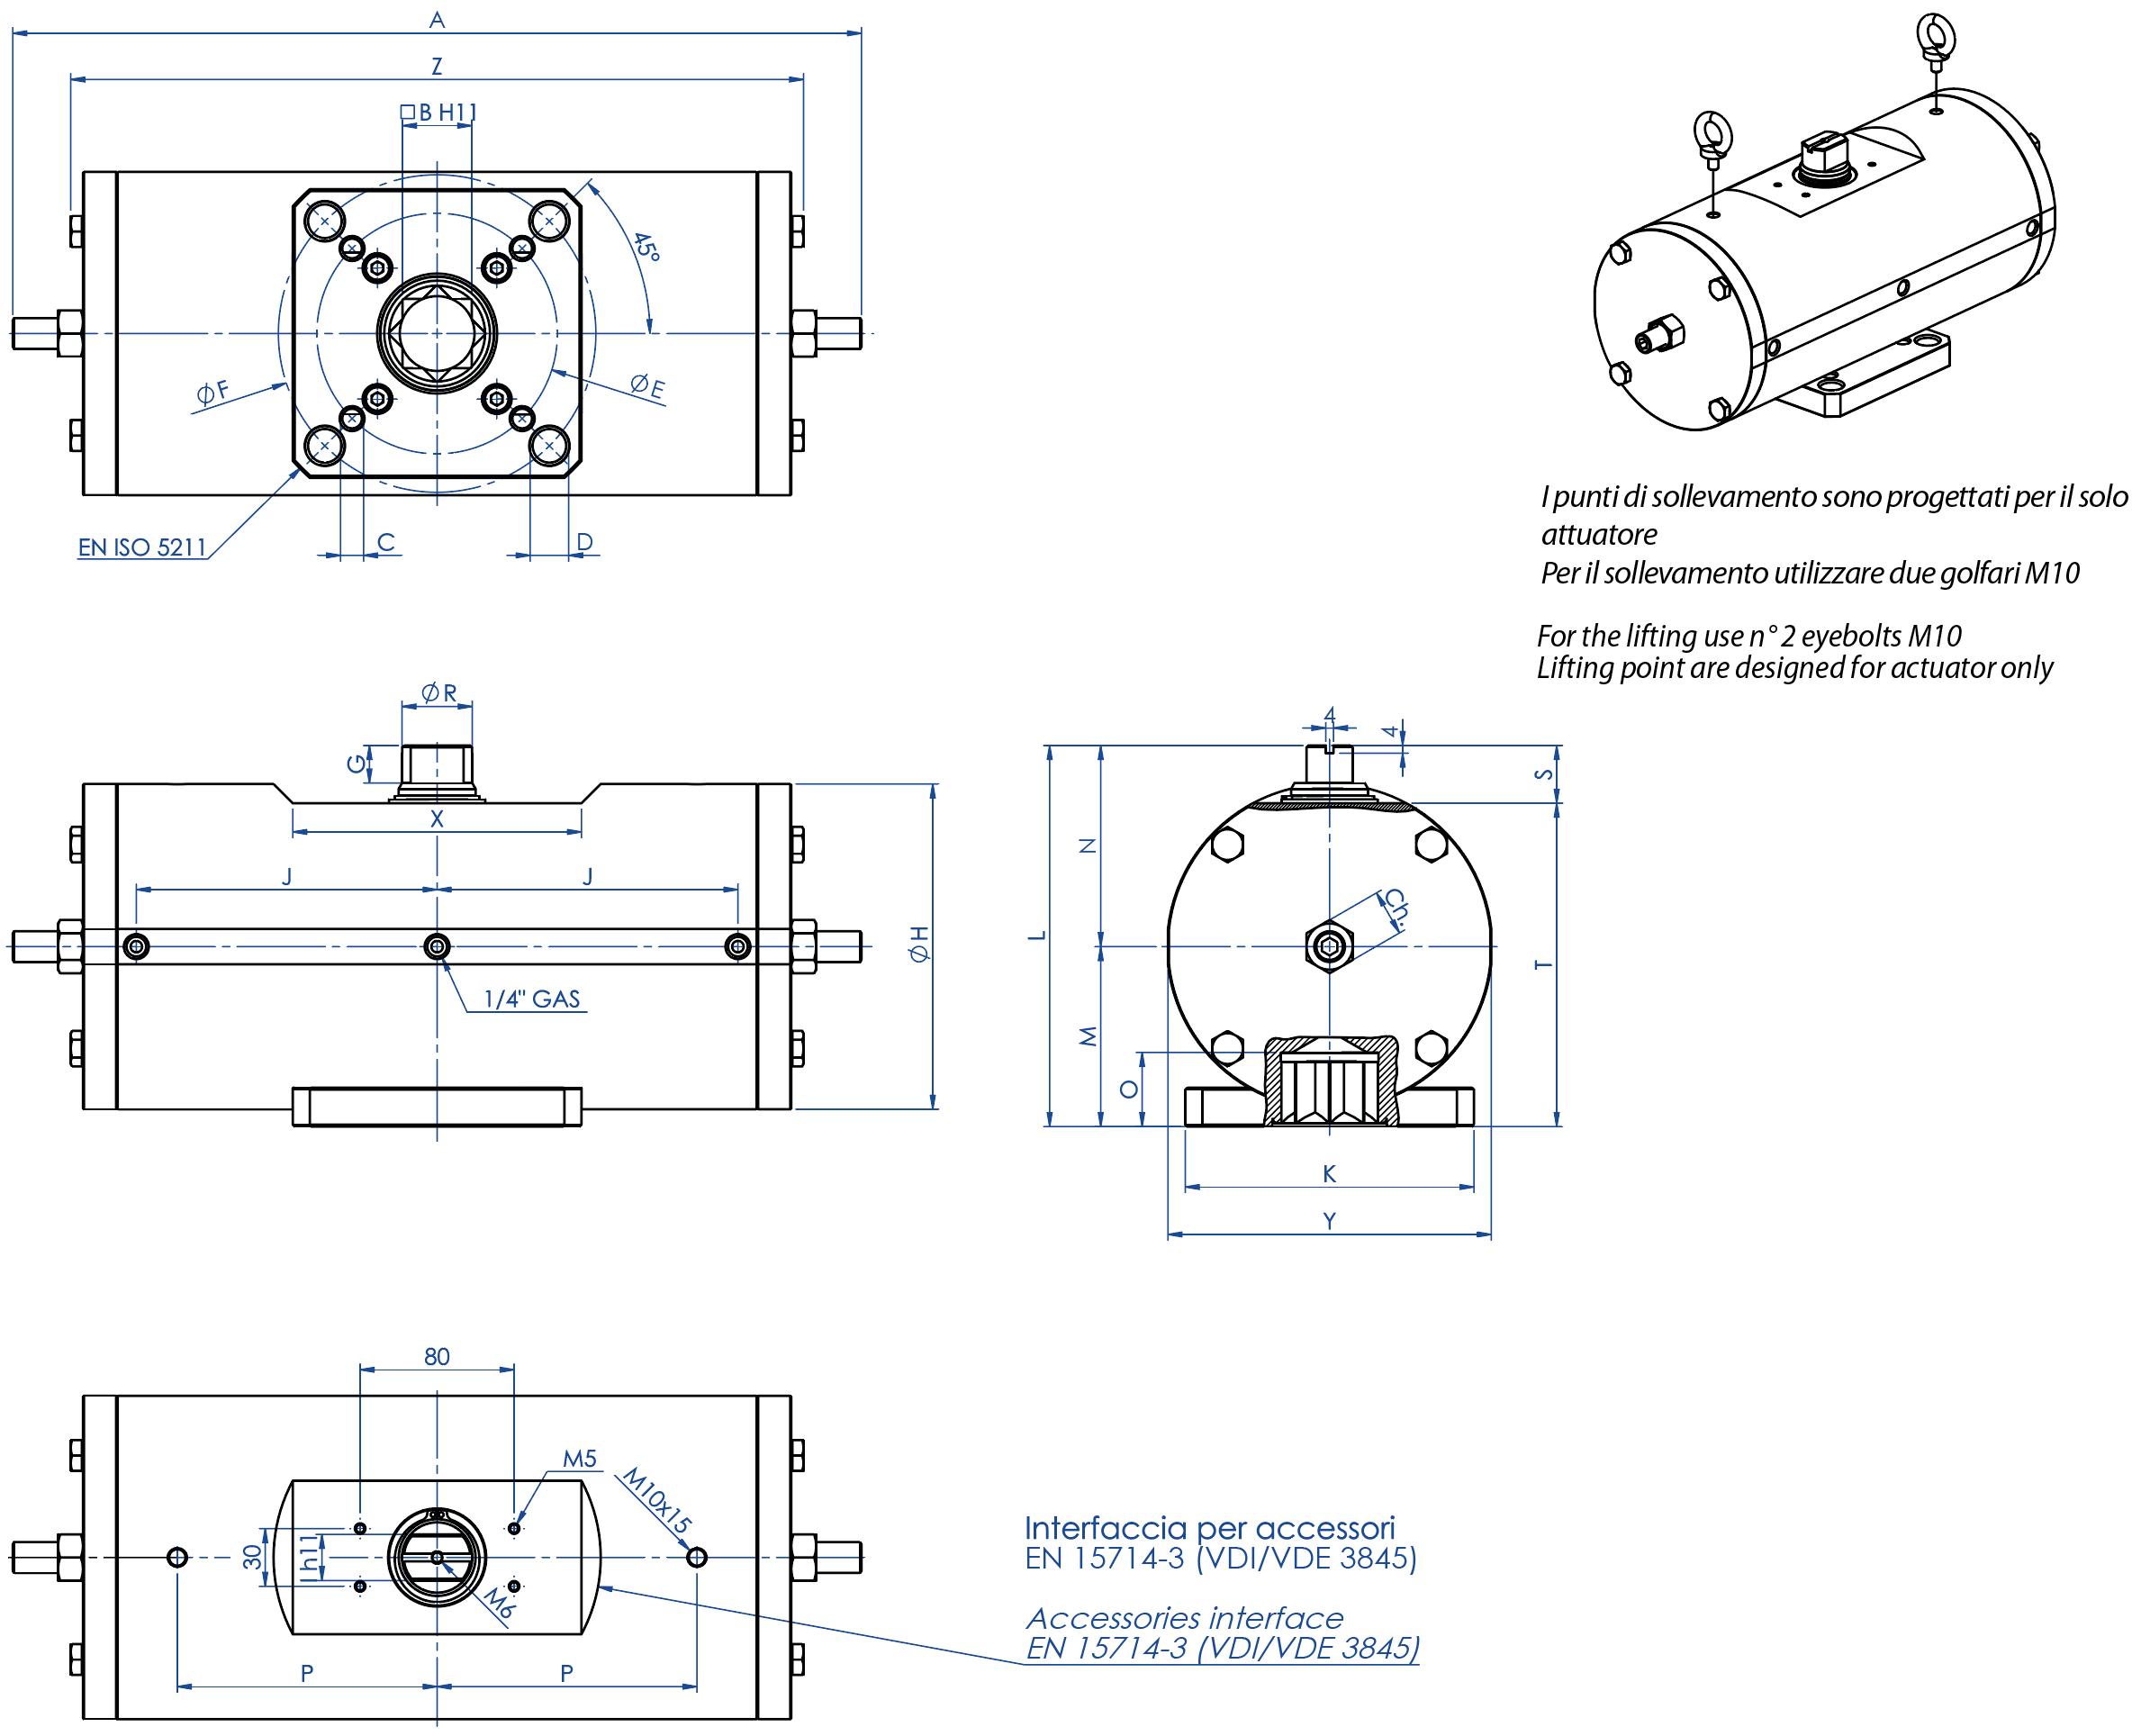 A105碳钢材质GD型双效气动执行器 - 特性 -